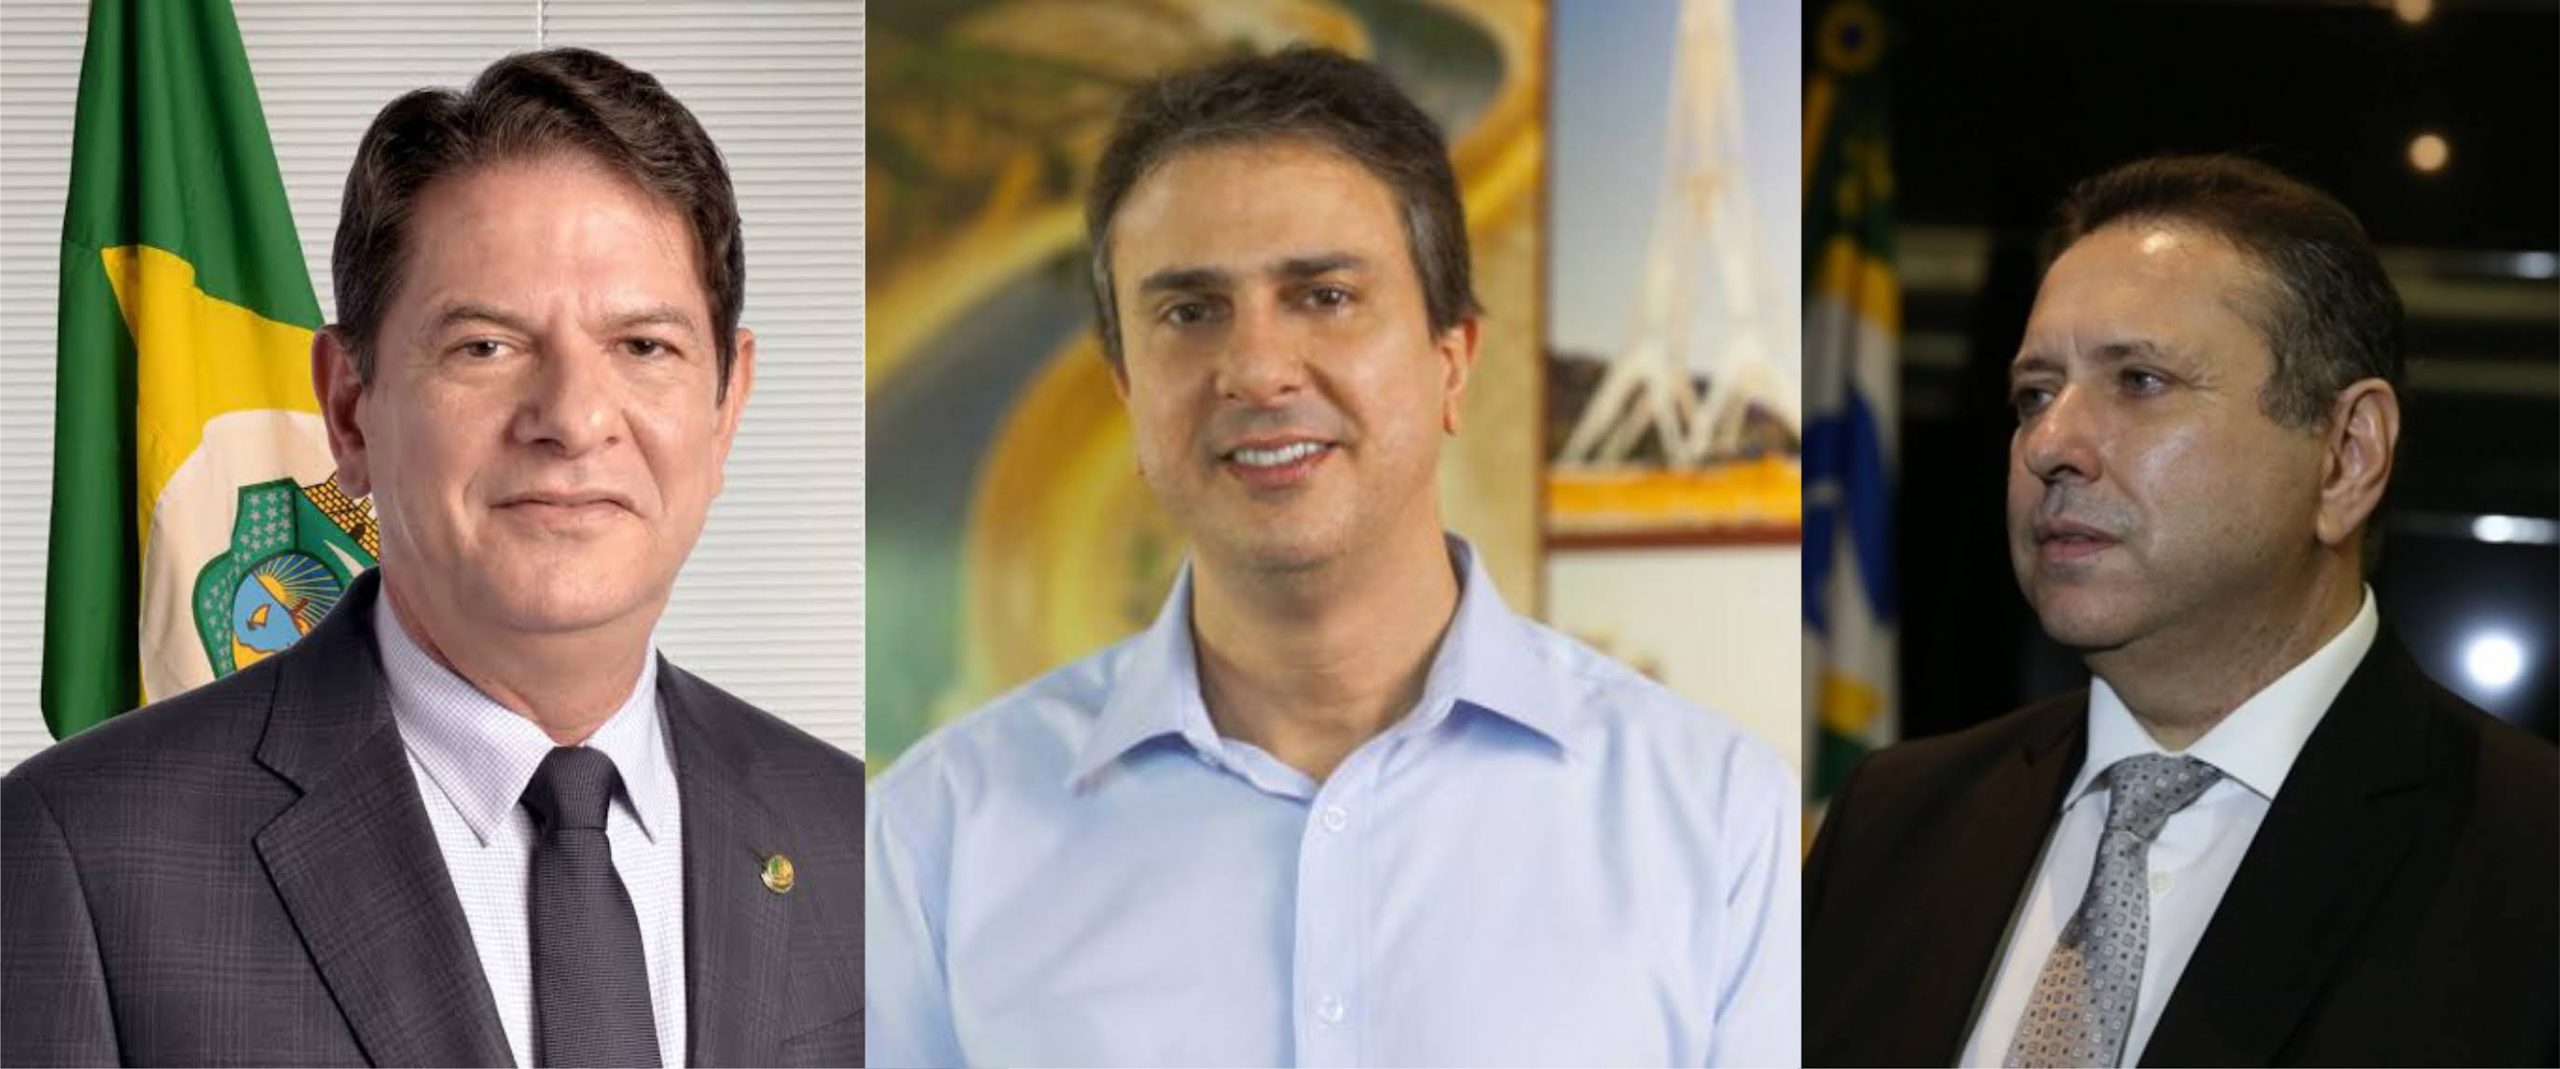 Cid Gomes, Camilo e Domingos Filho